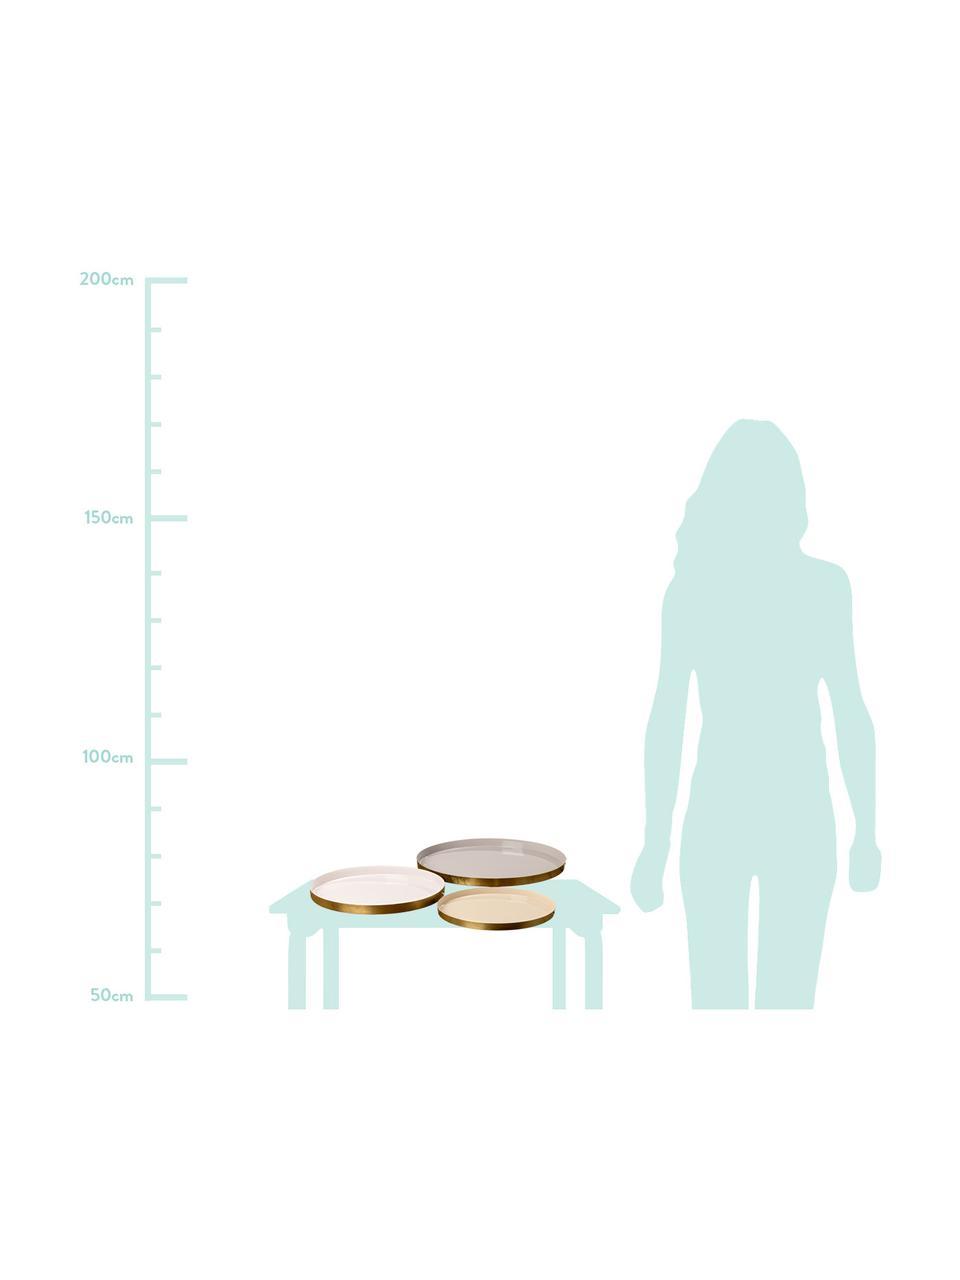 Deko-Tablett-Set Ayra, 3-tlg., Metall, lackiert, Grau, Beige, Weiß<br>Außenrand: Jeweils Goldfarben, Sondergrößen